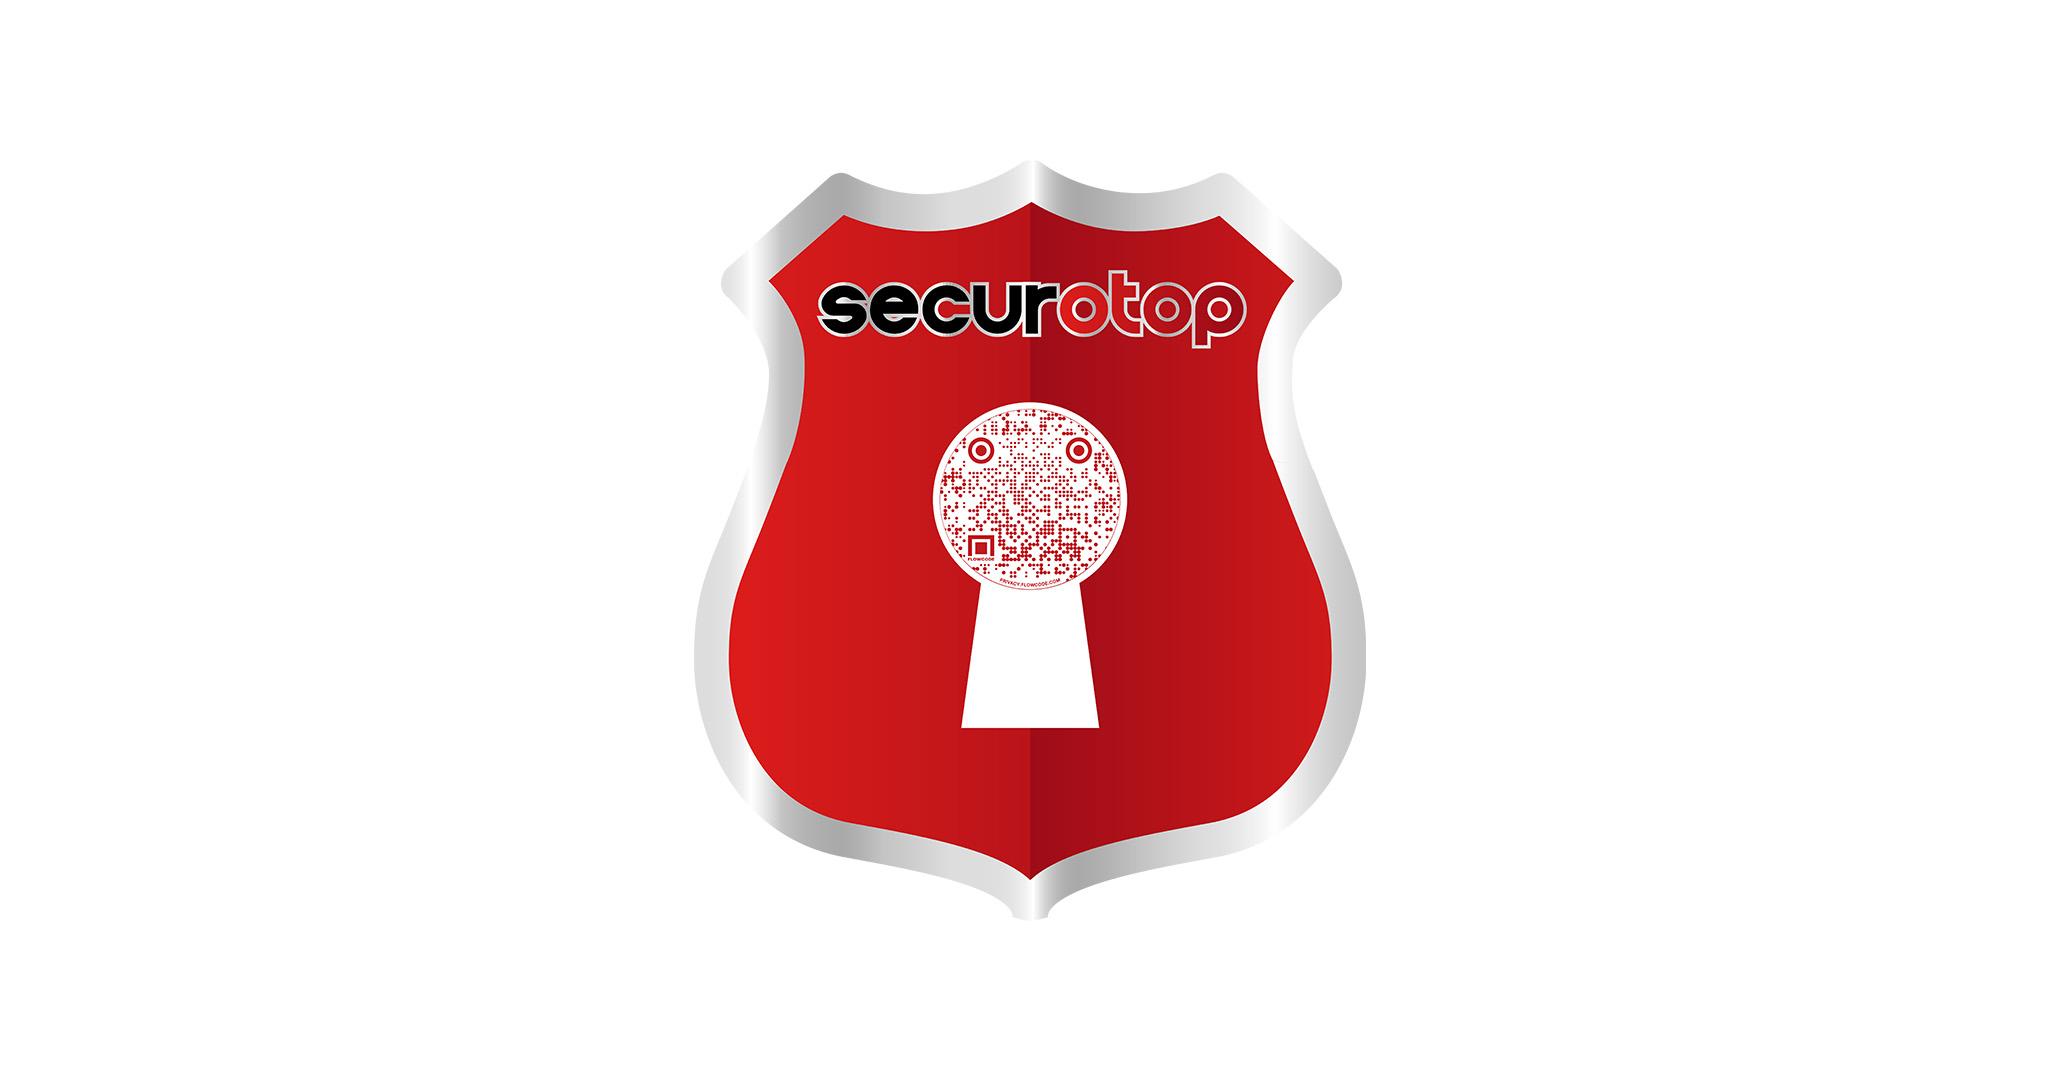 1630434592_securotop.jpg